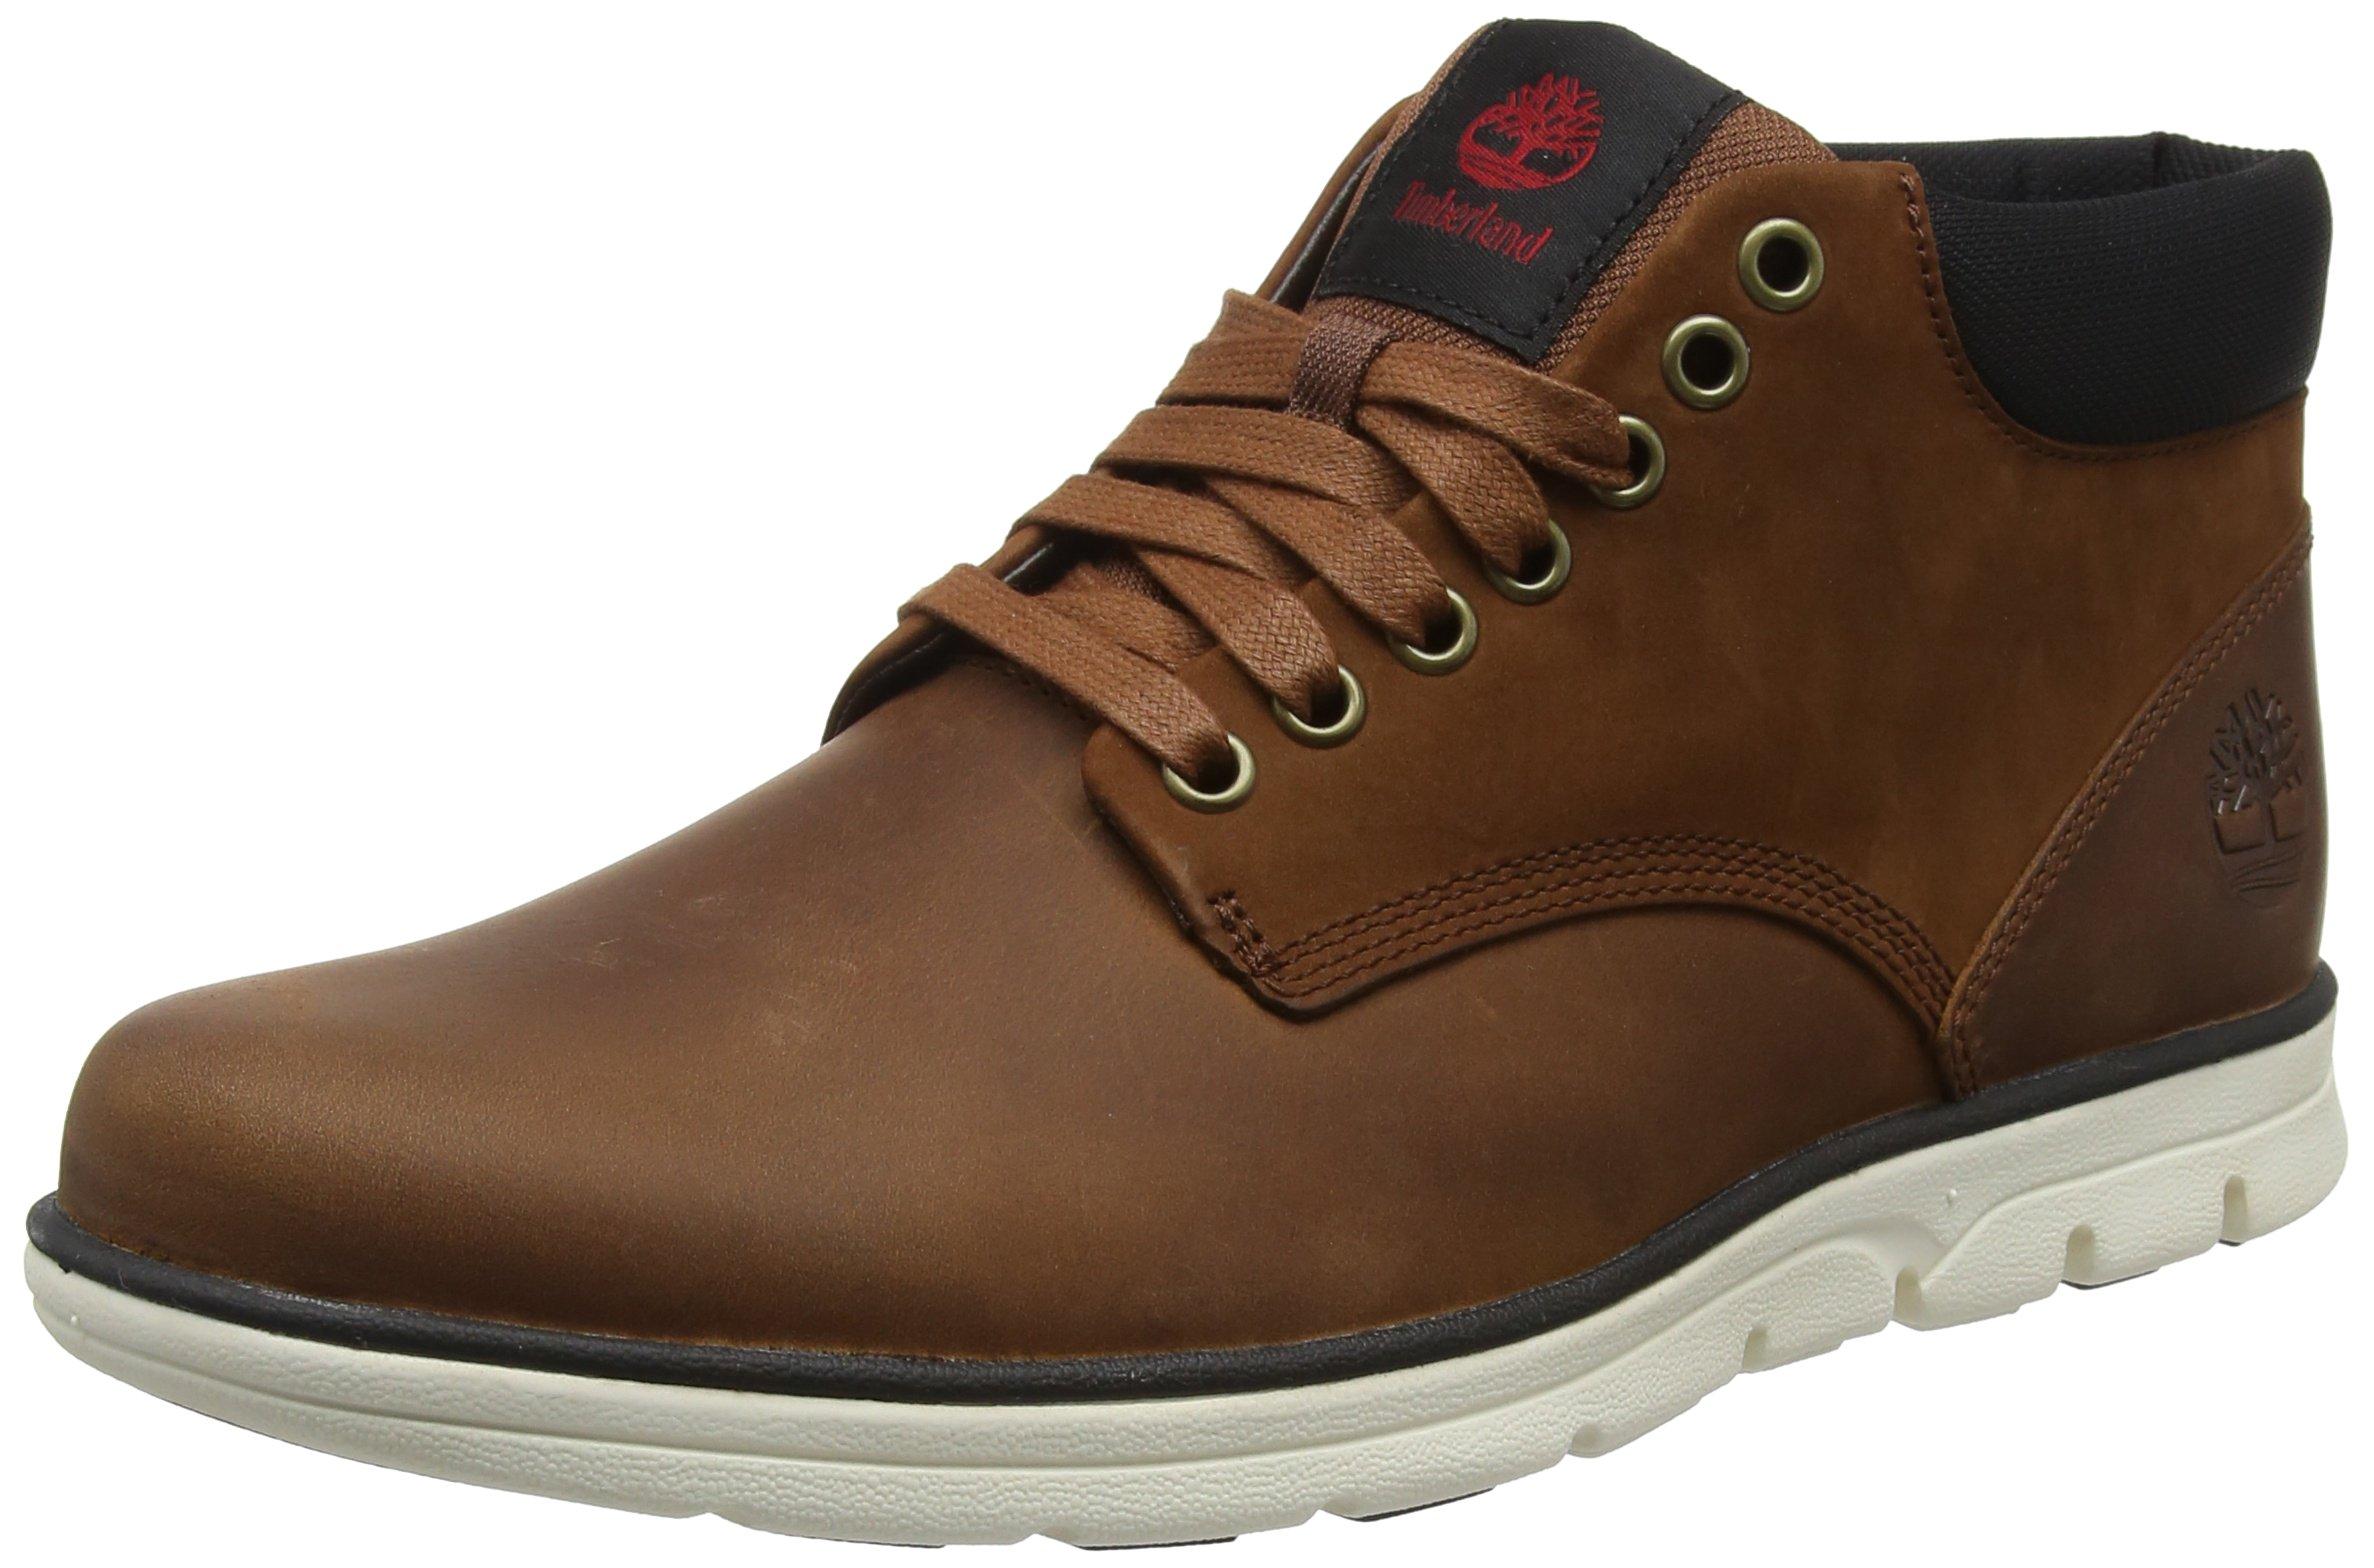 Top Et Notes Homme Selon Les Boots Bottes arqBx5a